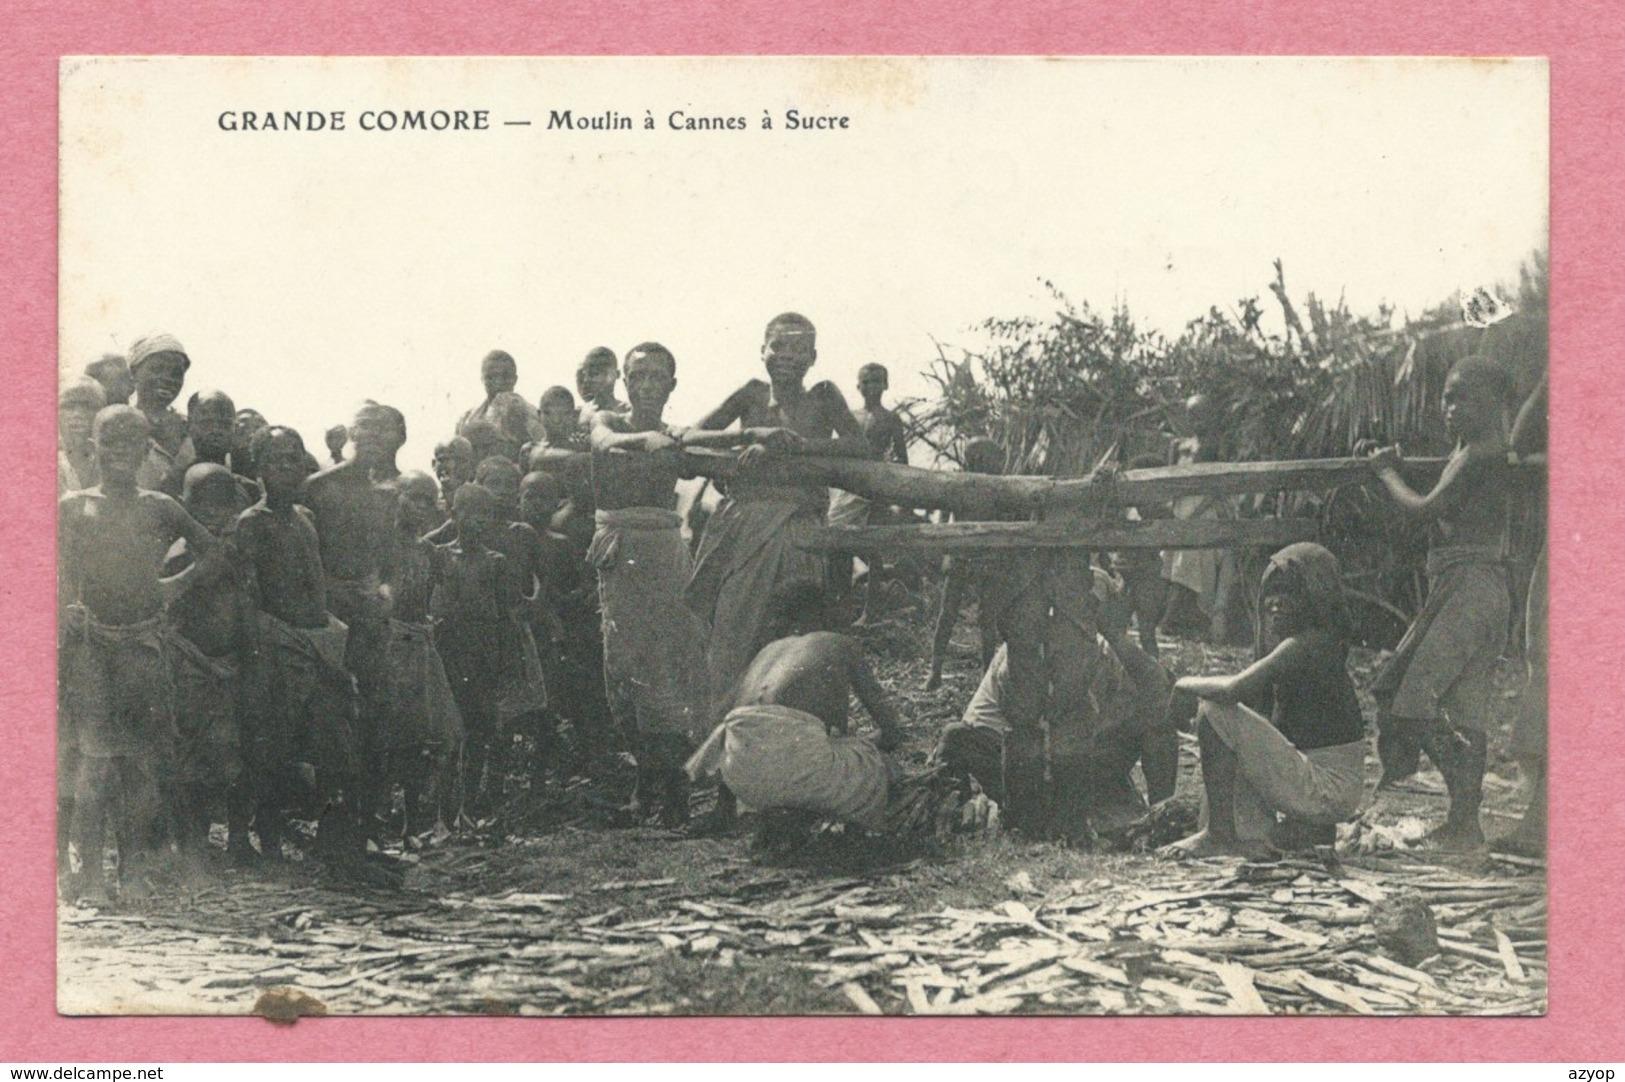 Grande COMORE - Moulin à Cannes à Sucre - Comores